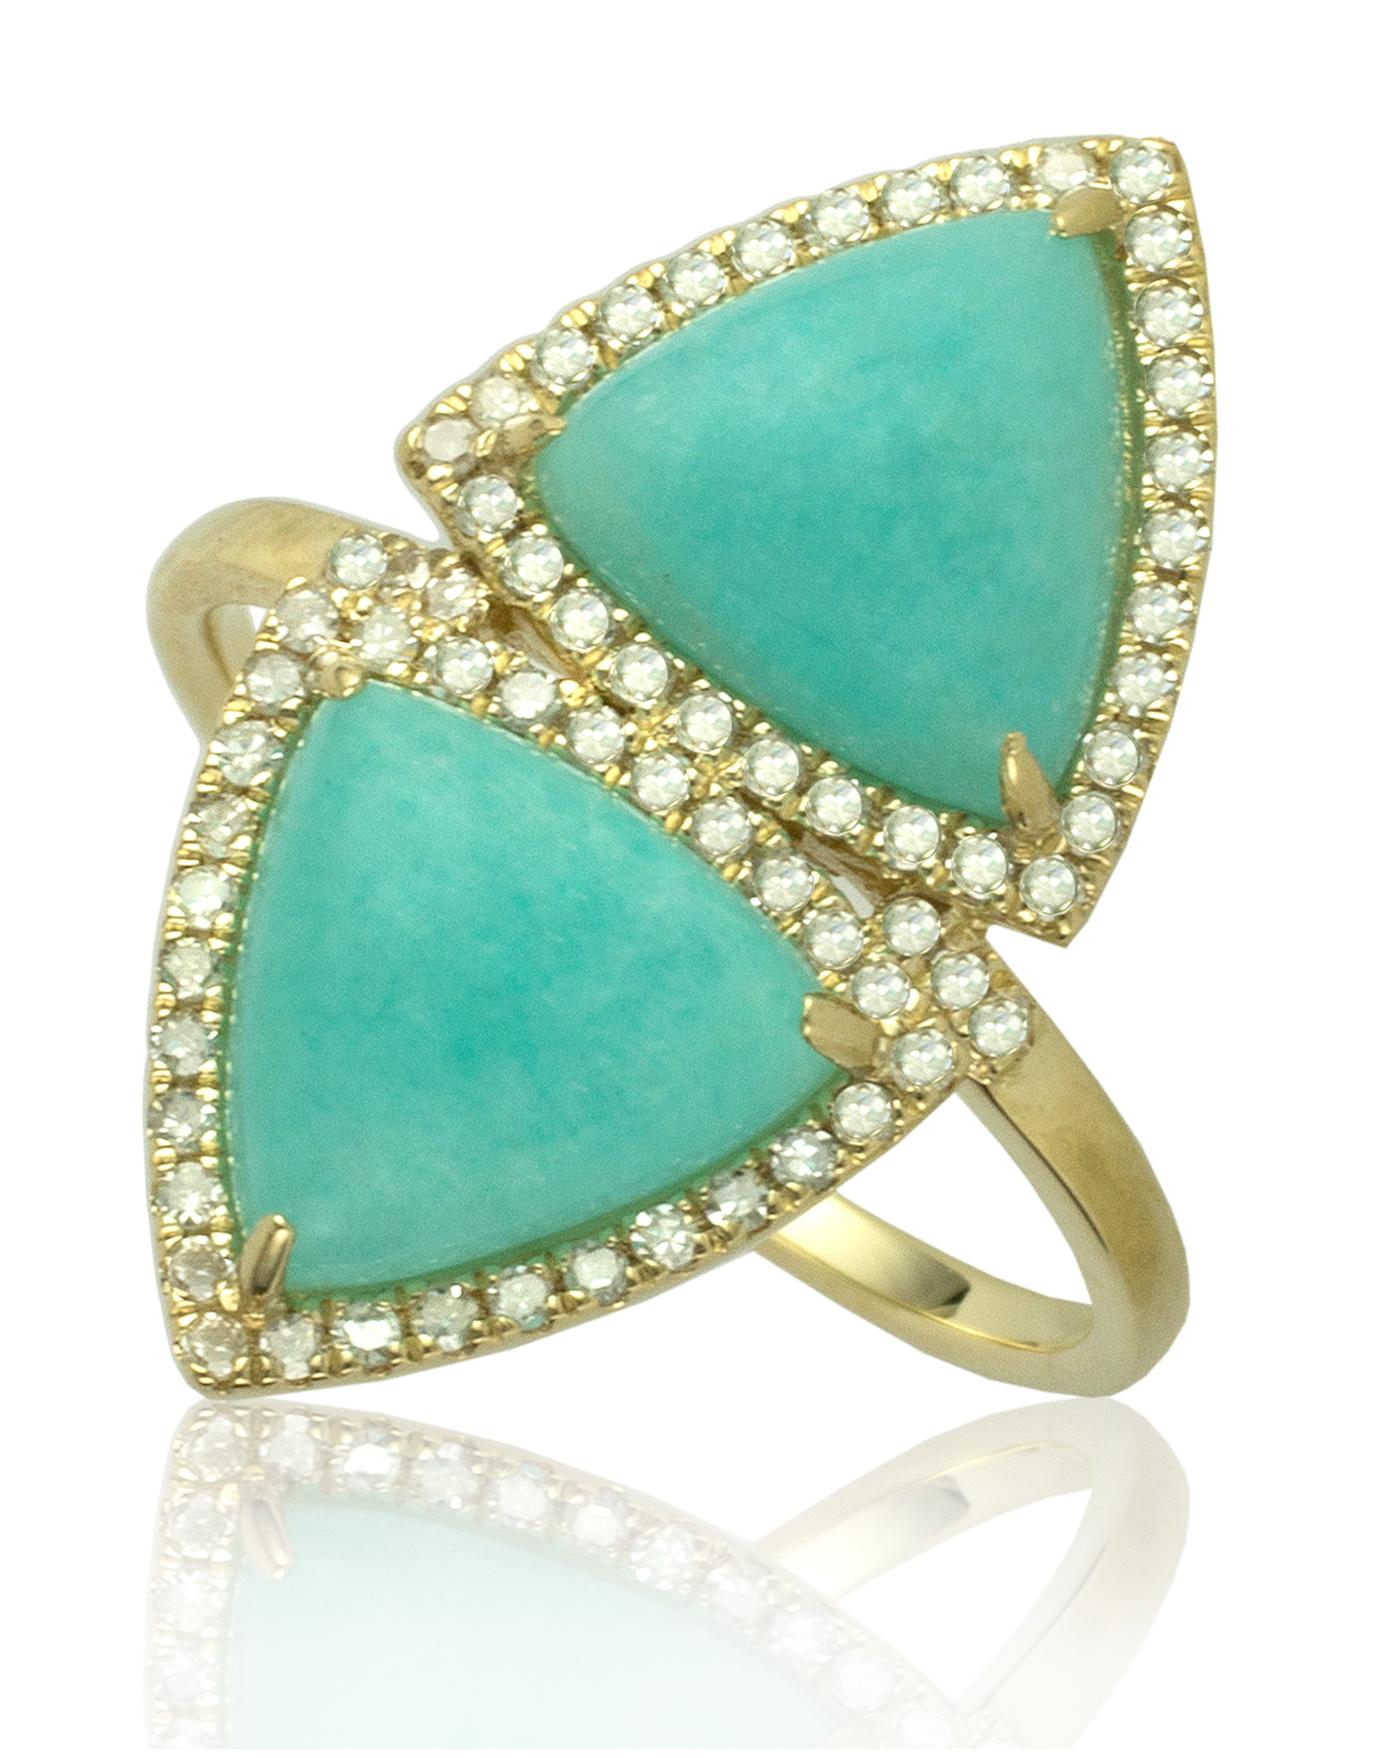 fashion jewelry, designer jewelry, diamond jewelry